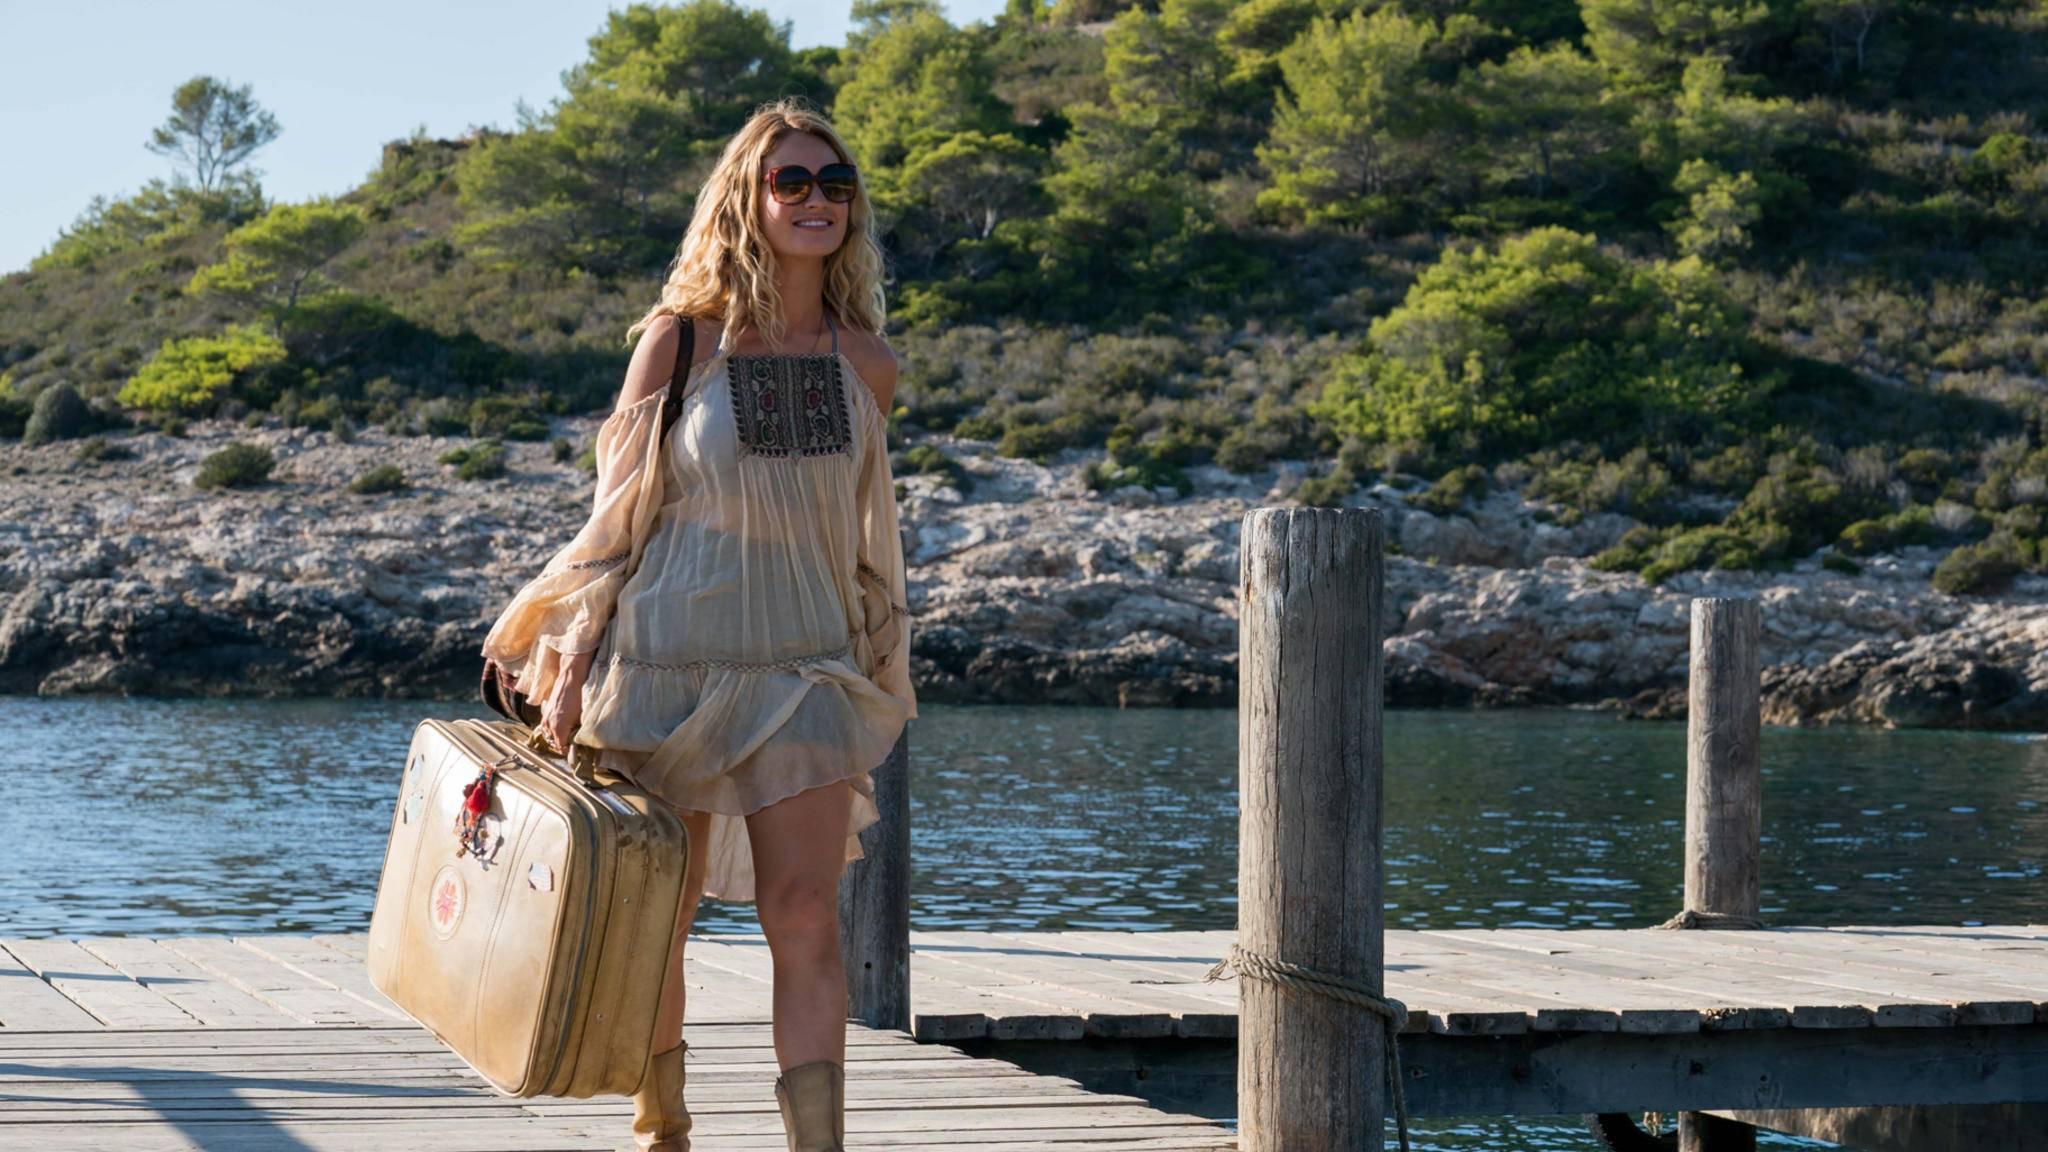 Sommer, Sonne und Strand sind nur einige Zutaten für einen Sommerfilm.